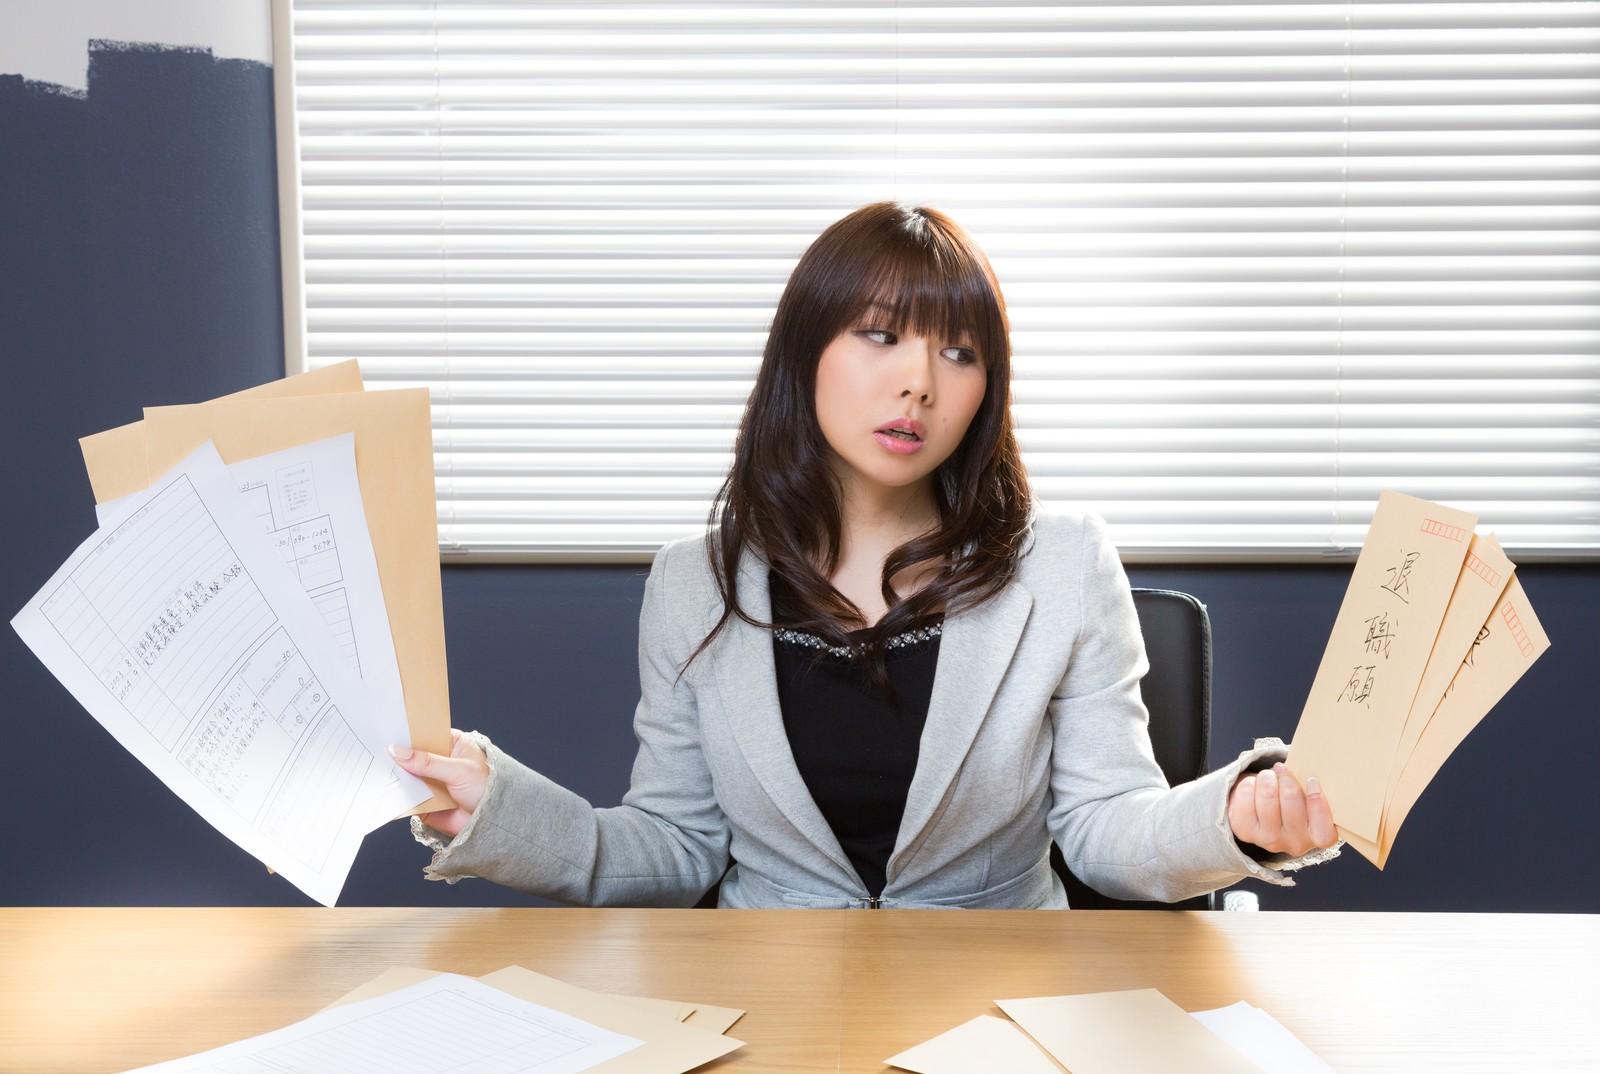 退職願は簡単に書けたのに転職用の履歴書は何枚書いても終わらないと嘆くクール美女